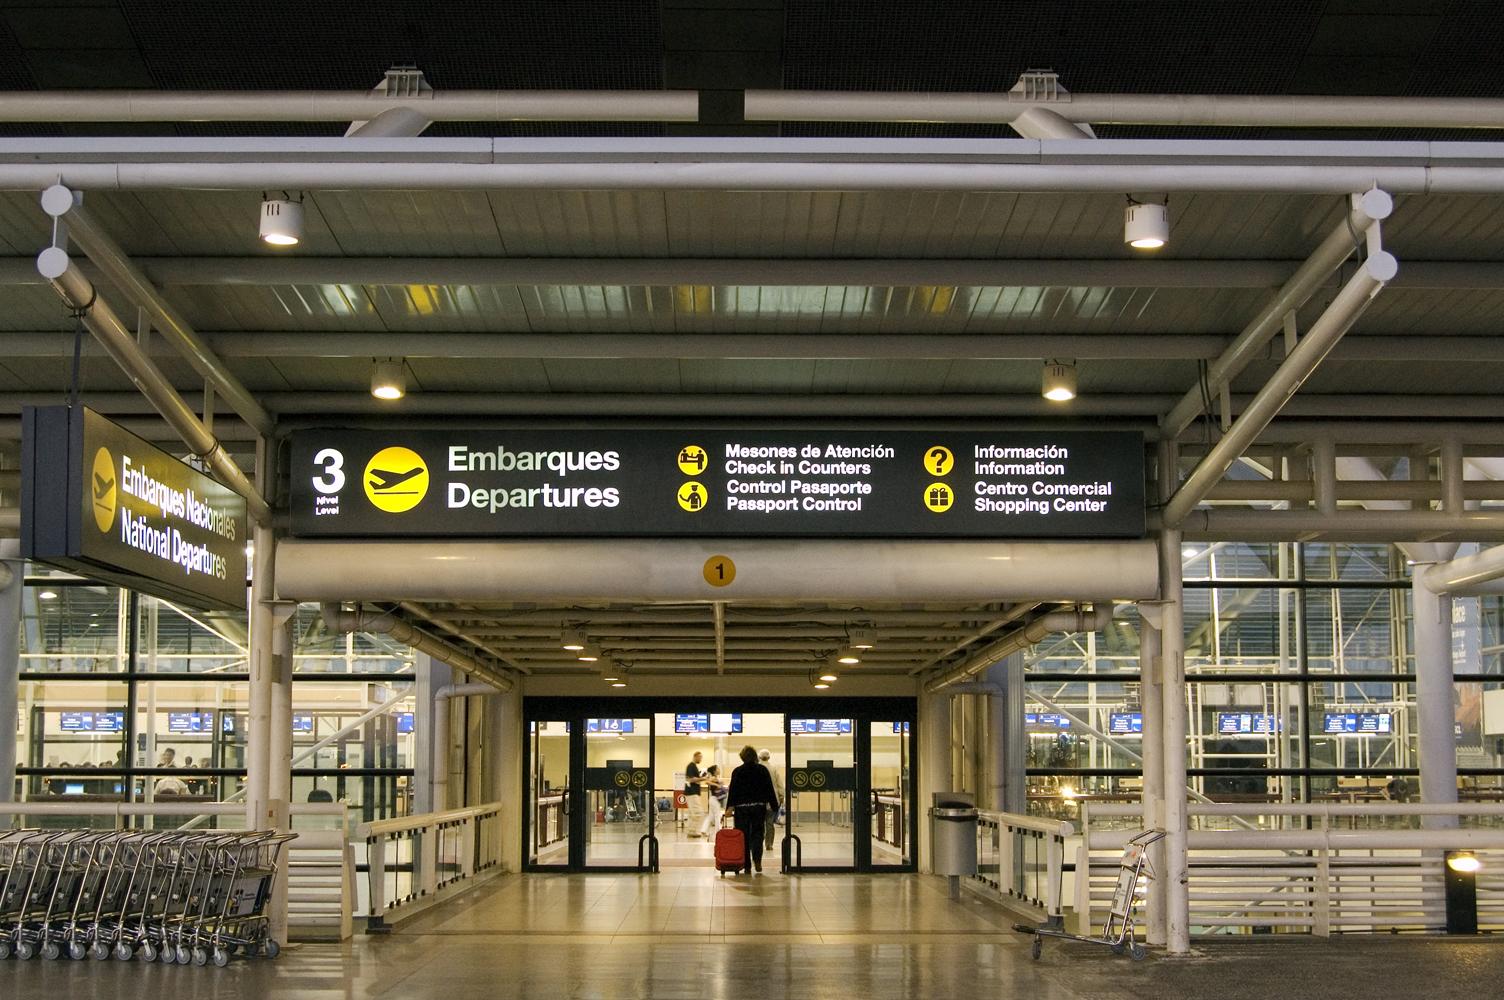 Aumentan seguridad en aeropuerto internacional tras atentados en París